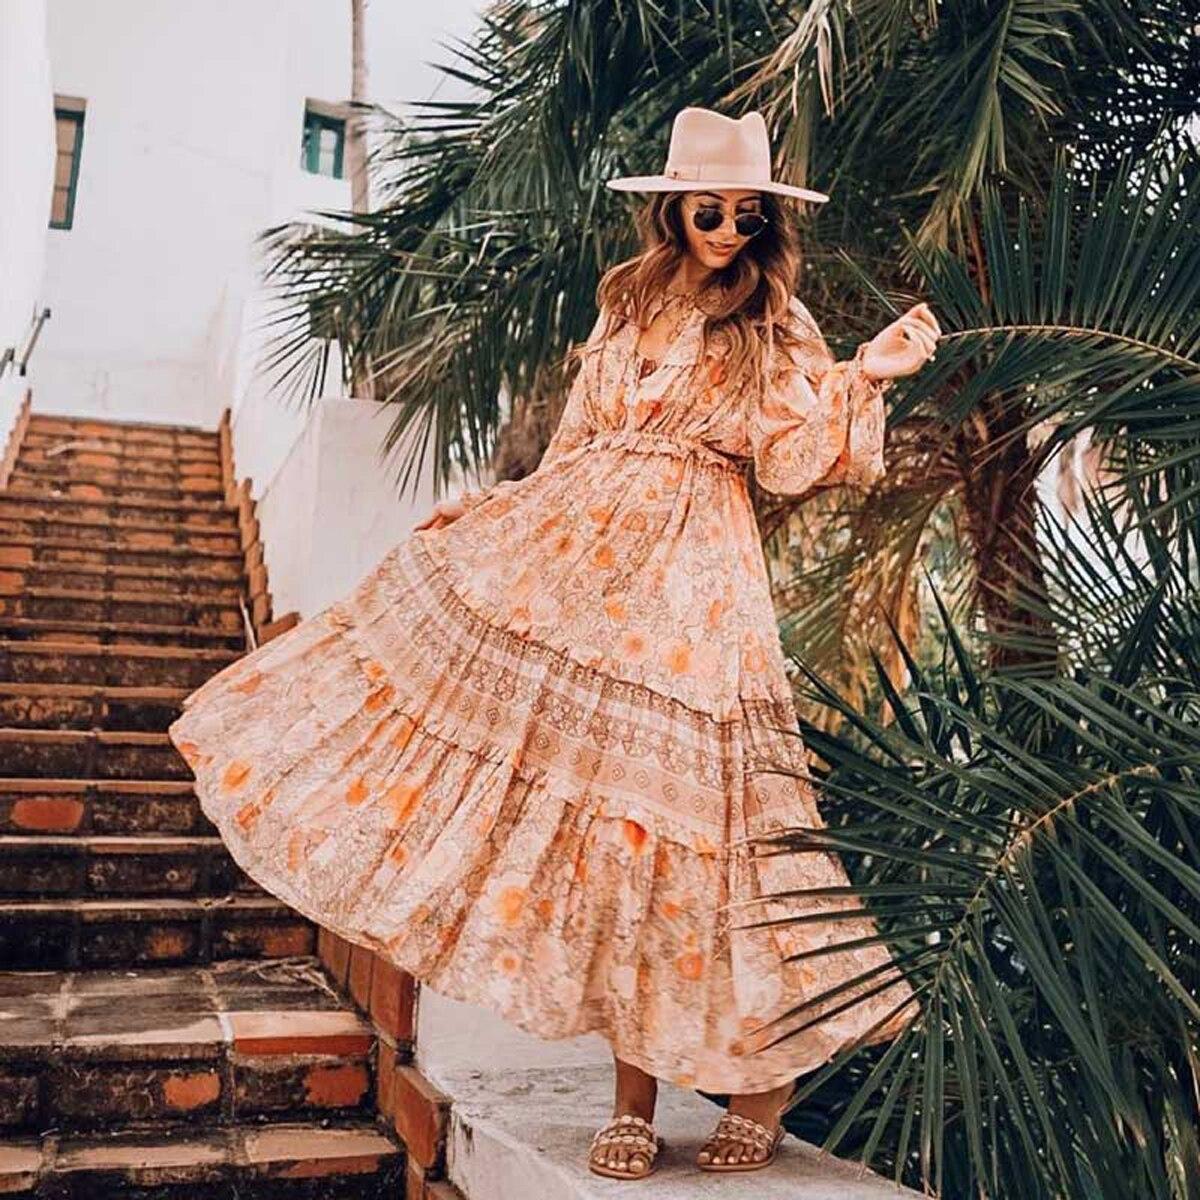 Boho Chic Frill à manches longues femmes robe v-cou Floral imprimé robes gitane 2019 printemps été robe décontracté robes de plage